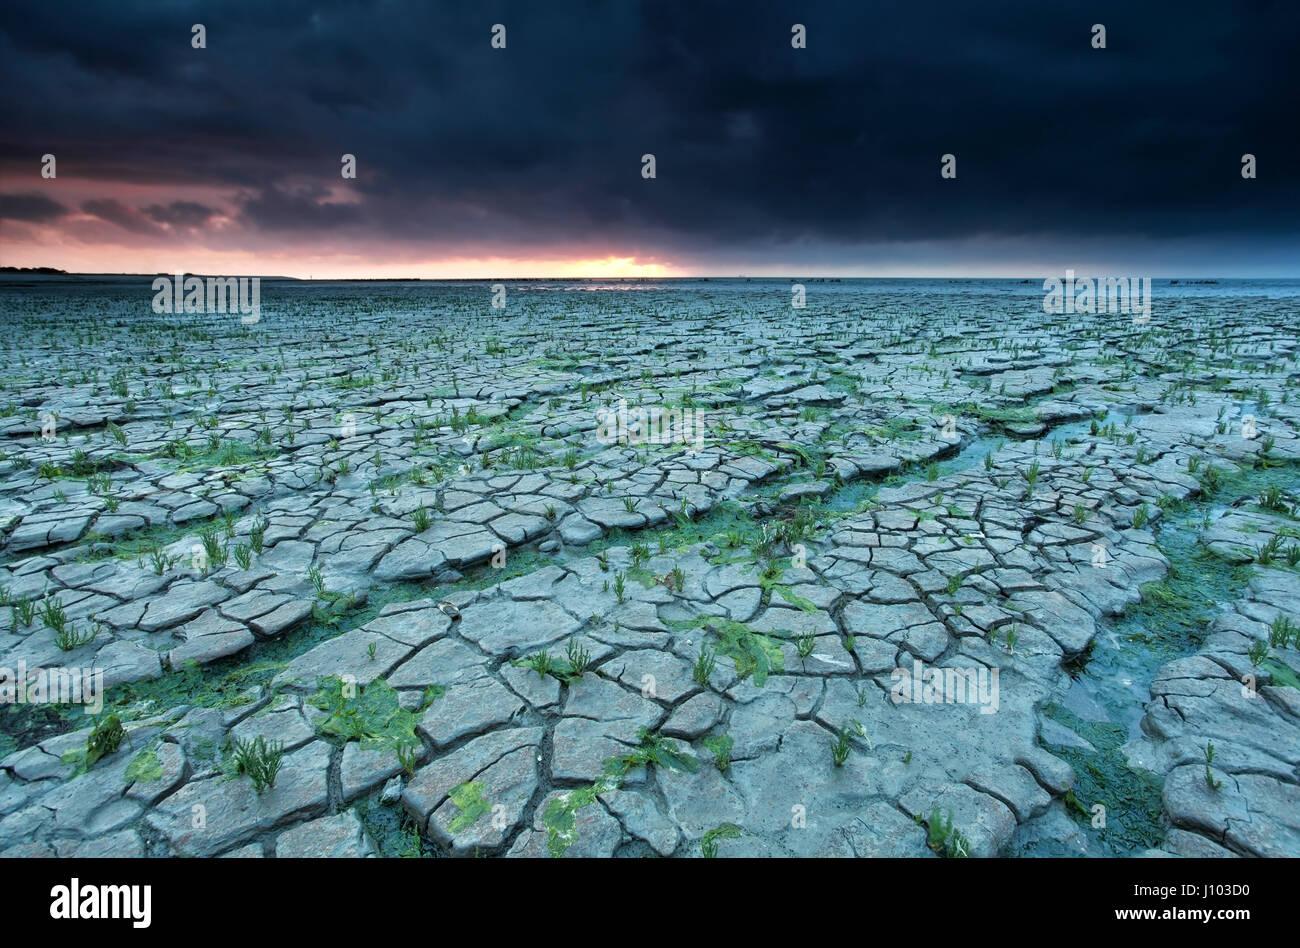 Fango incrinato con la bassa marea, Waddensea, Friesland, Paesi Bassi Immagini Stock